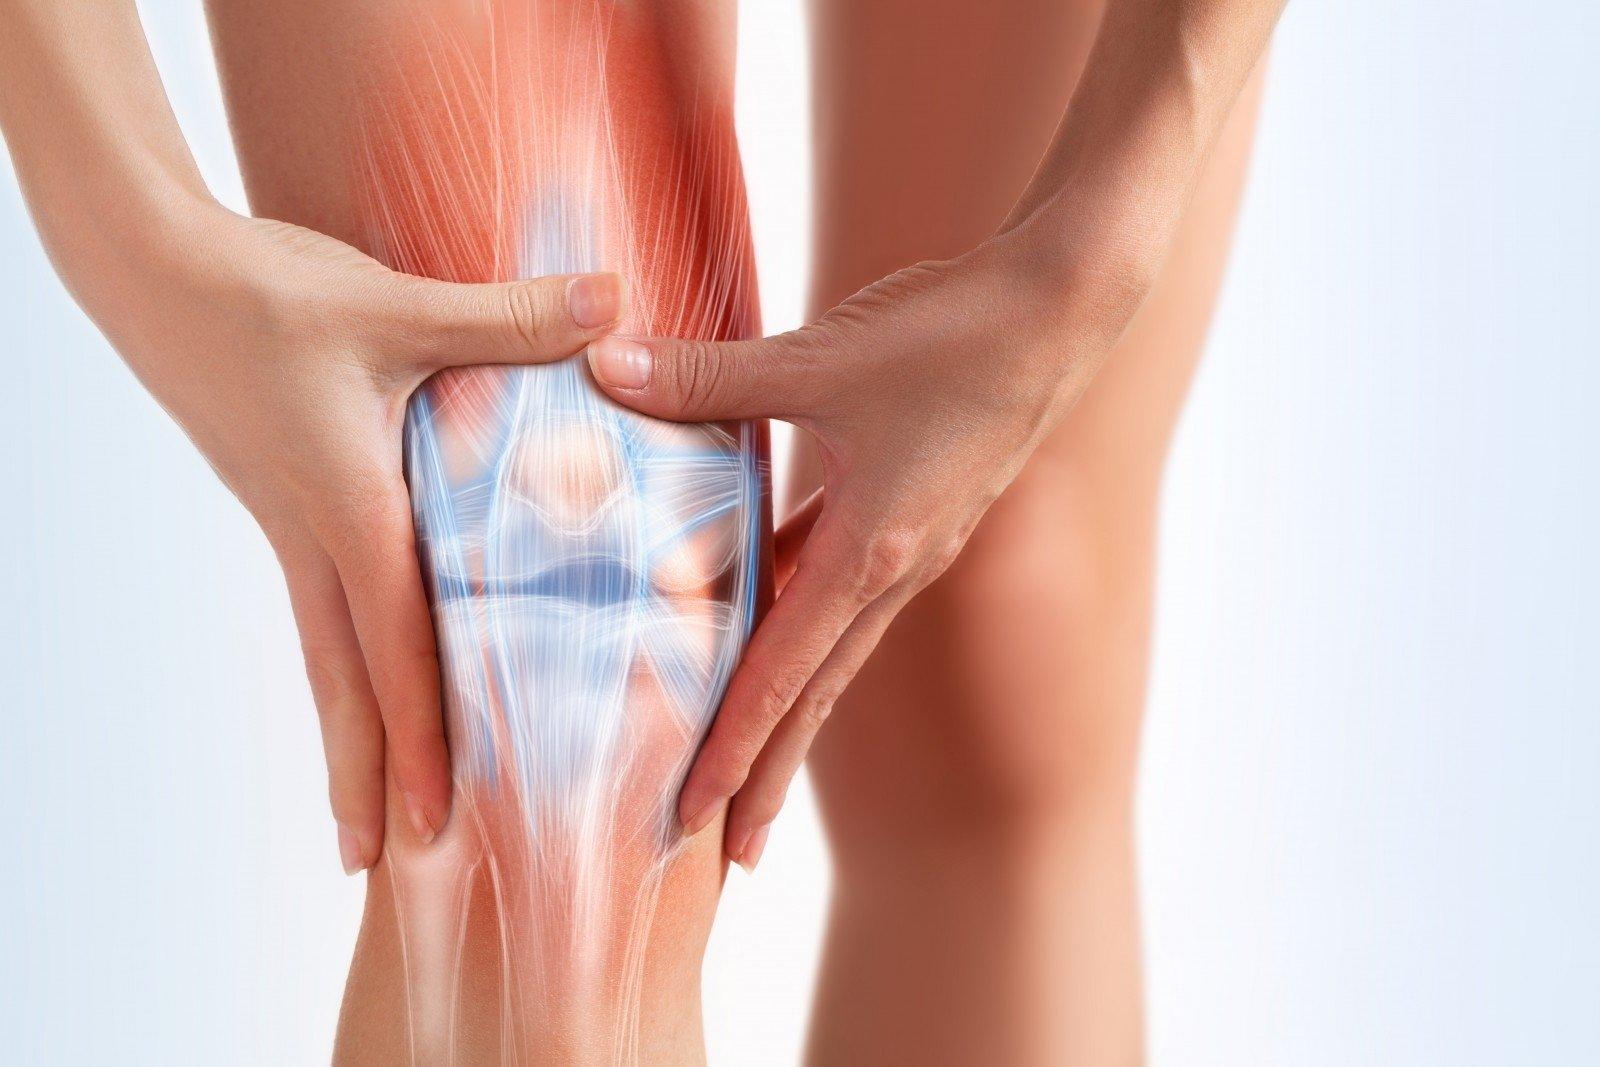 pašalinimas gydymas sąnarių skausmas peties sąnario iš kairės rankos iki alkūnės